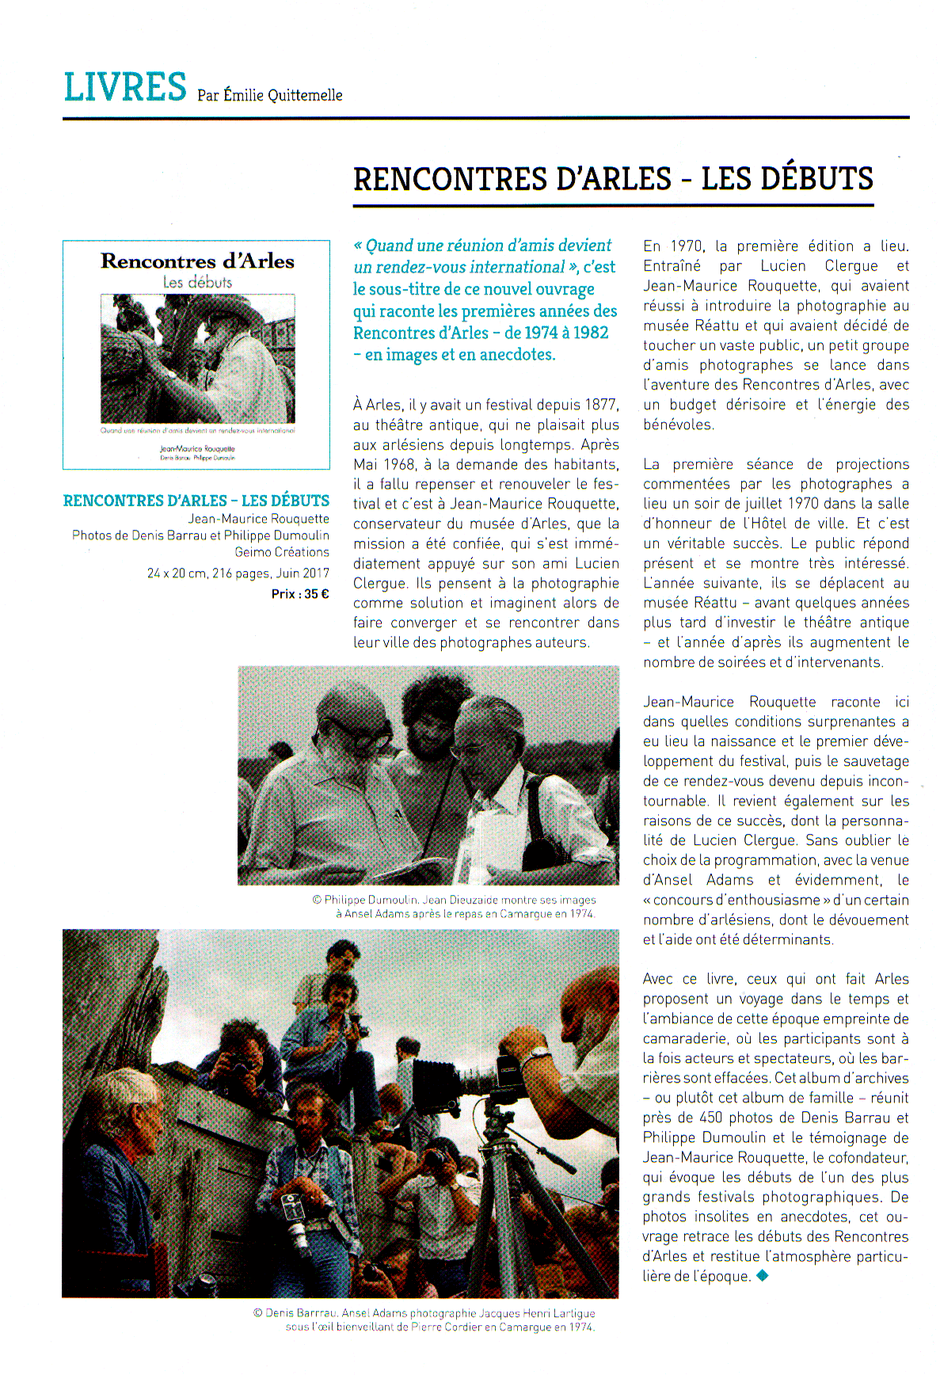 les debuts des rencontres d arles publie dans la revue profession photographe